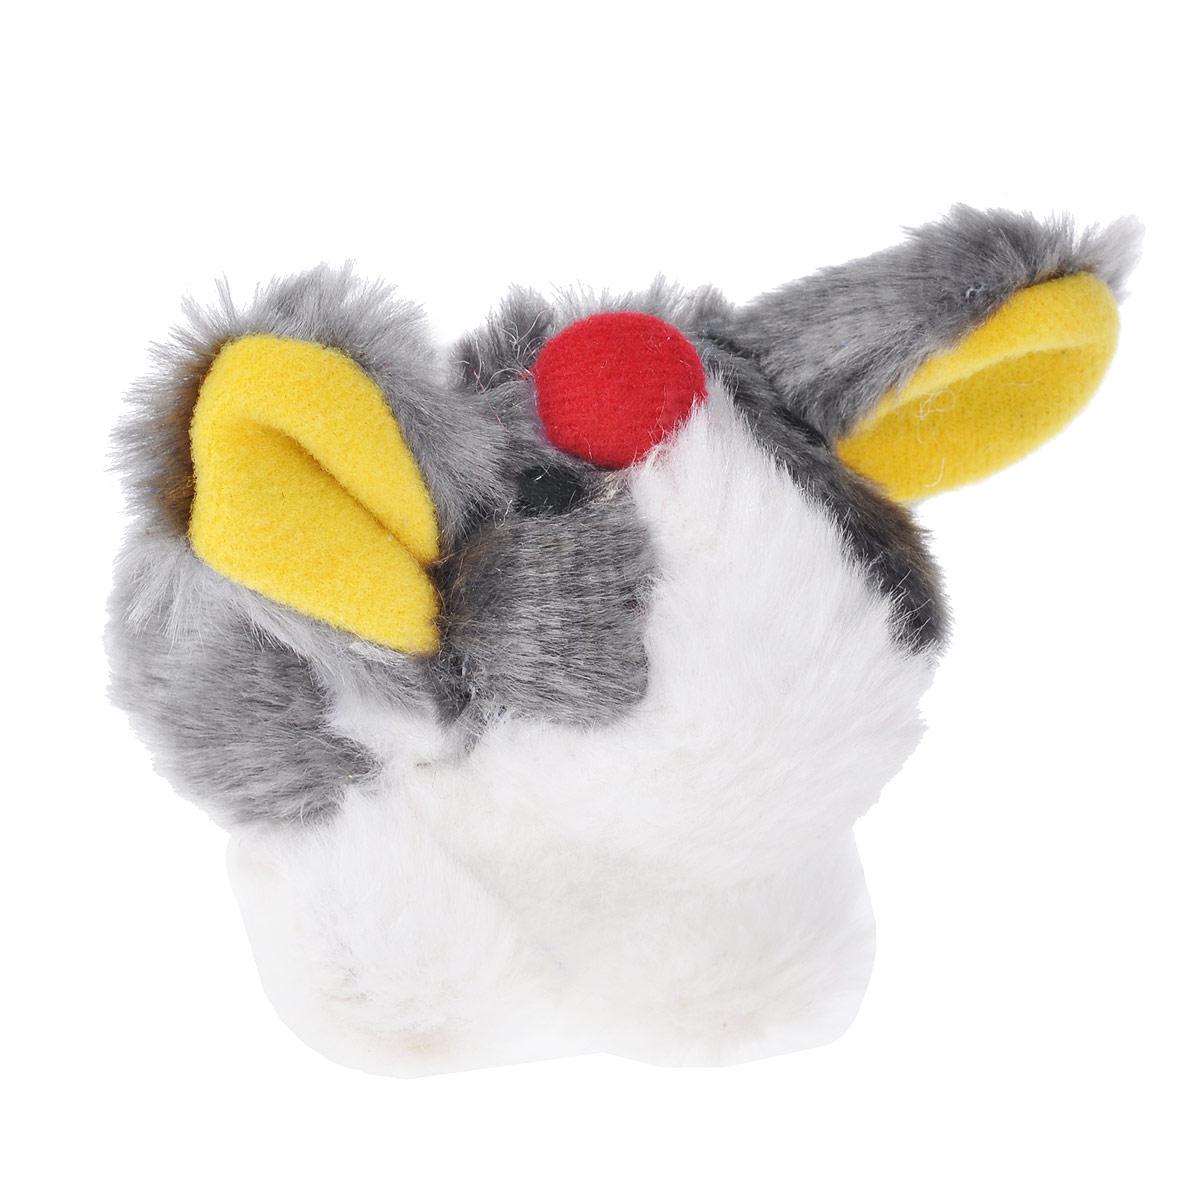 Игрушка для кошек I.P.T.S. Кролик вибрирующий12171996Игрушка для кошек I.P.T.S. Кролик вибрирующий изготовлена из мягкого плюша. Игрушка вибрирует, создавая дополнительные движения и звуковые эффекты. Предназначена для активных игр с кошкой.